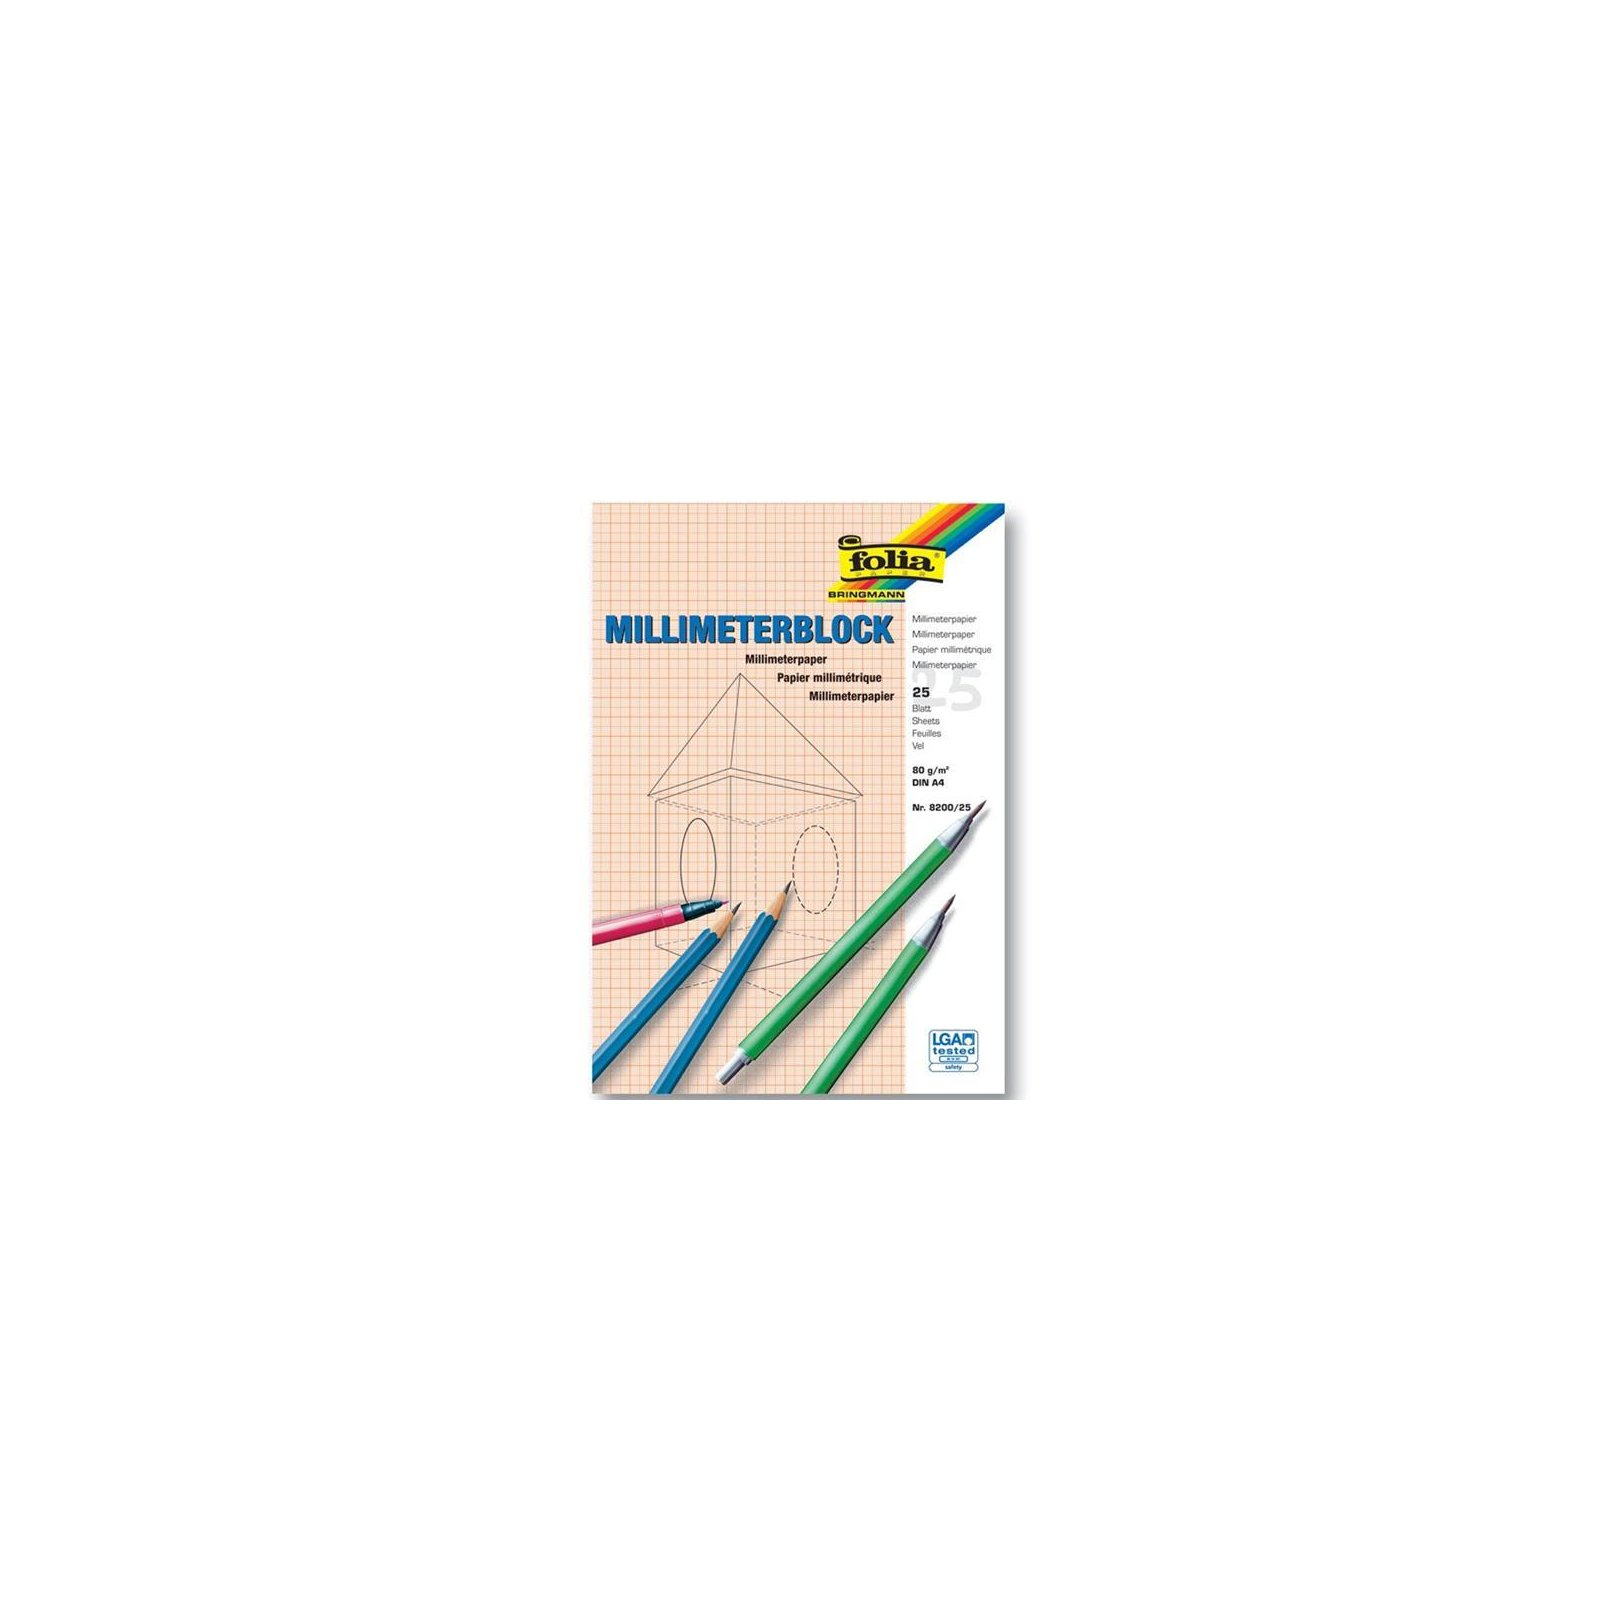 1 Millimeter Blöcke Hefte Blöcke Block Din A4 20 Blatt Millimeterpapier holzfrei